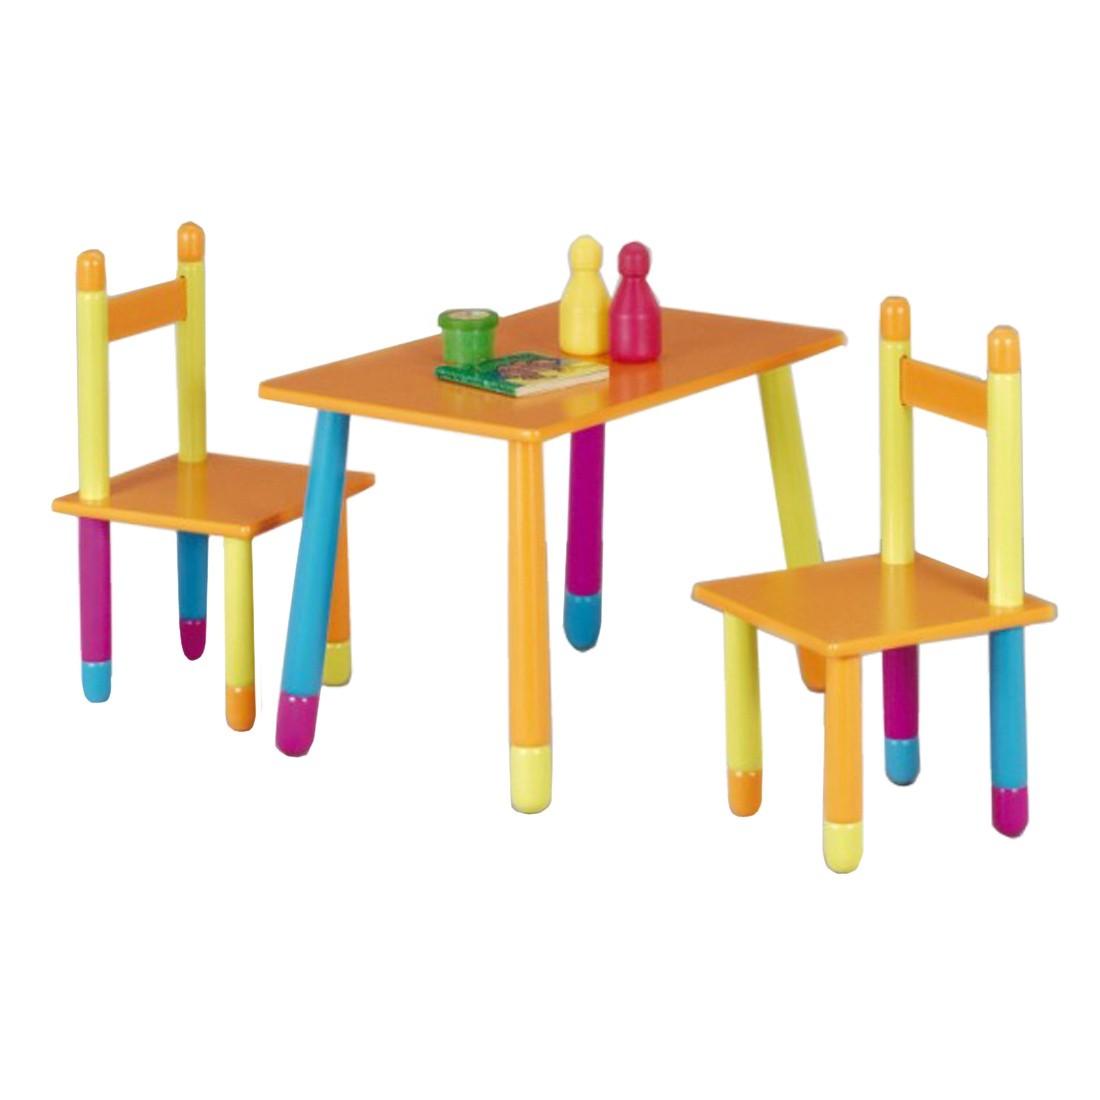 Per Inserire … Zeller Set Di Sedie E Tavolo Per Bambini Fresno (3 #A00F6D 1100 1100 Ikea Tavoli E Tavolini